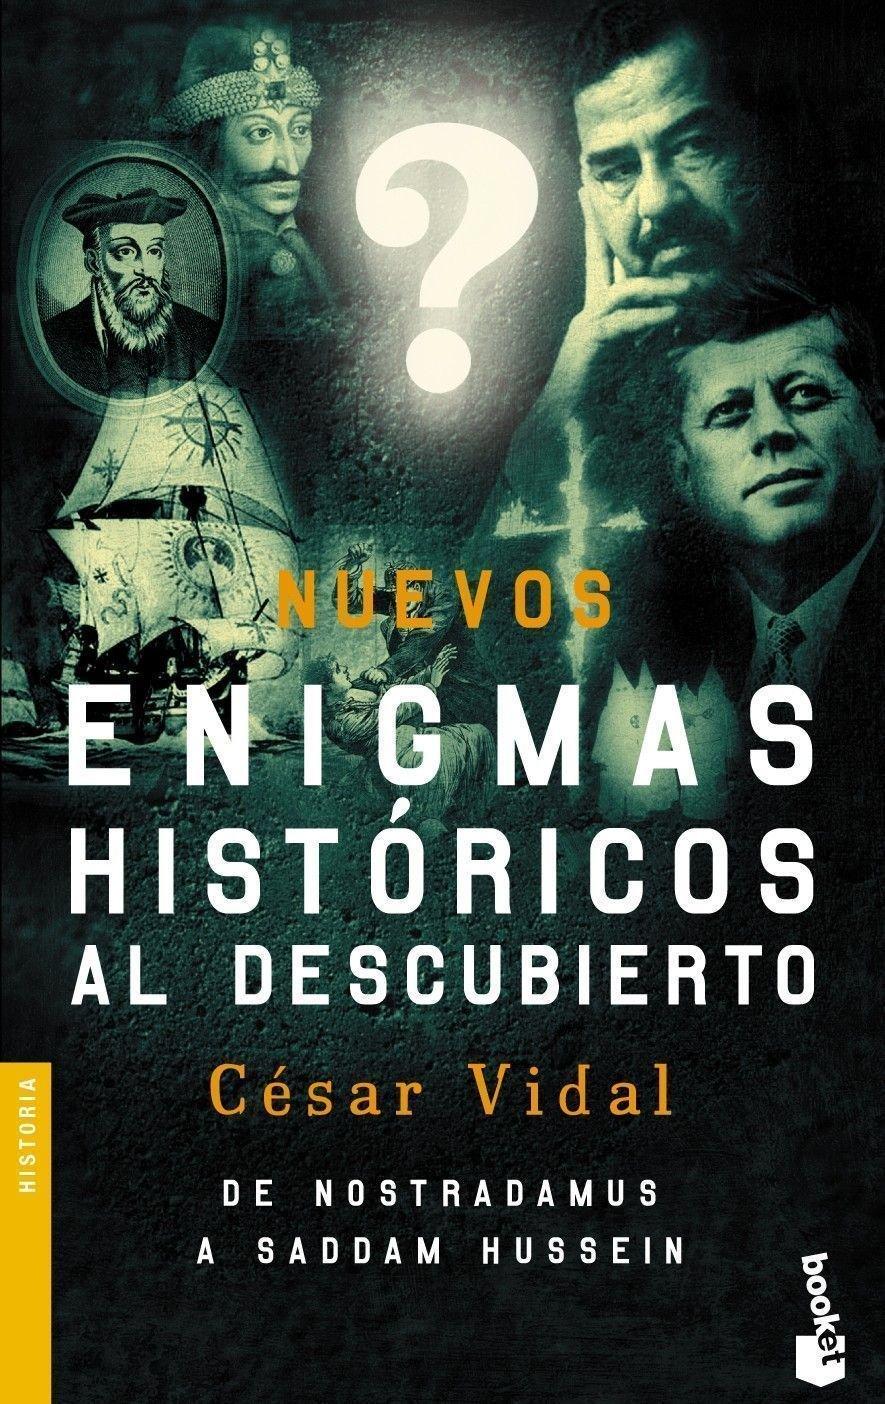 Nuevos enigmas históricos al descubierto Divulgación: Amazon.es ...